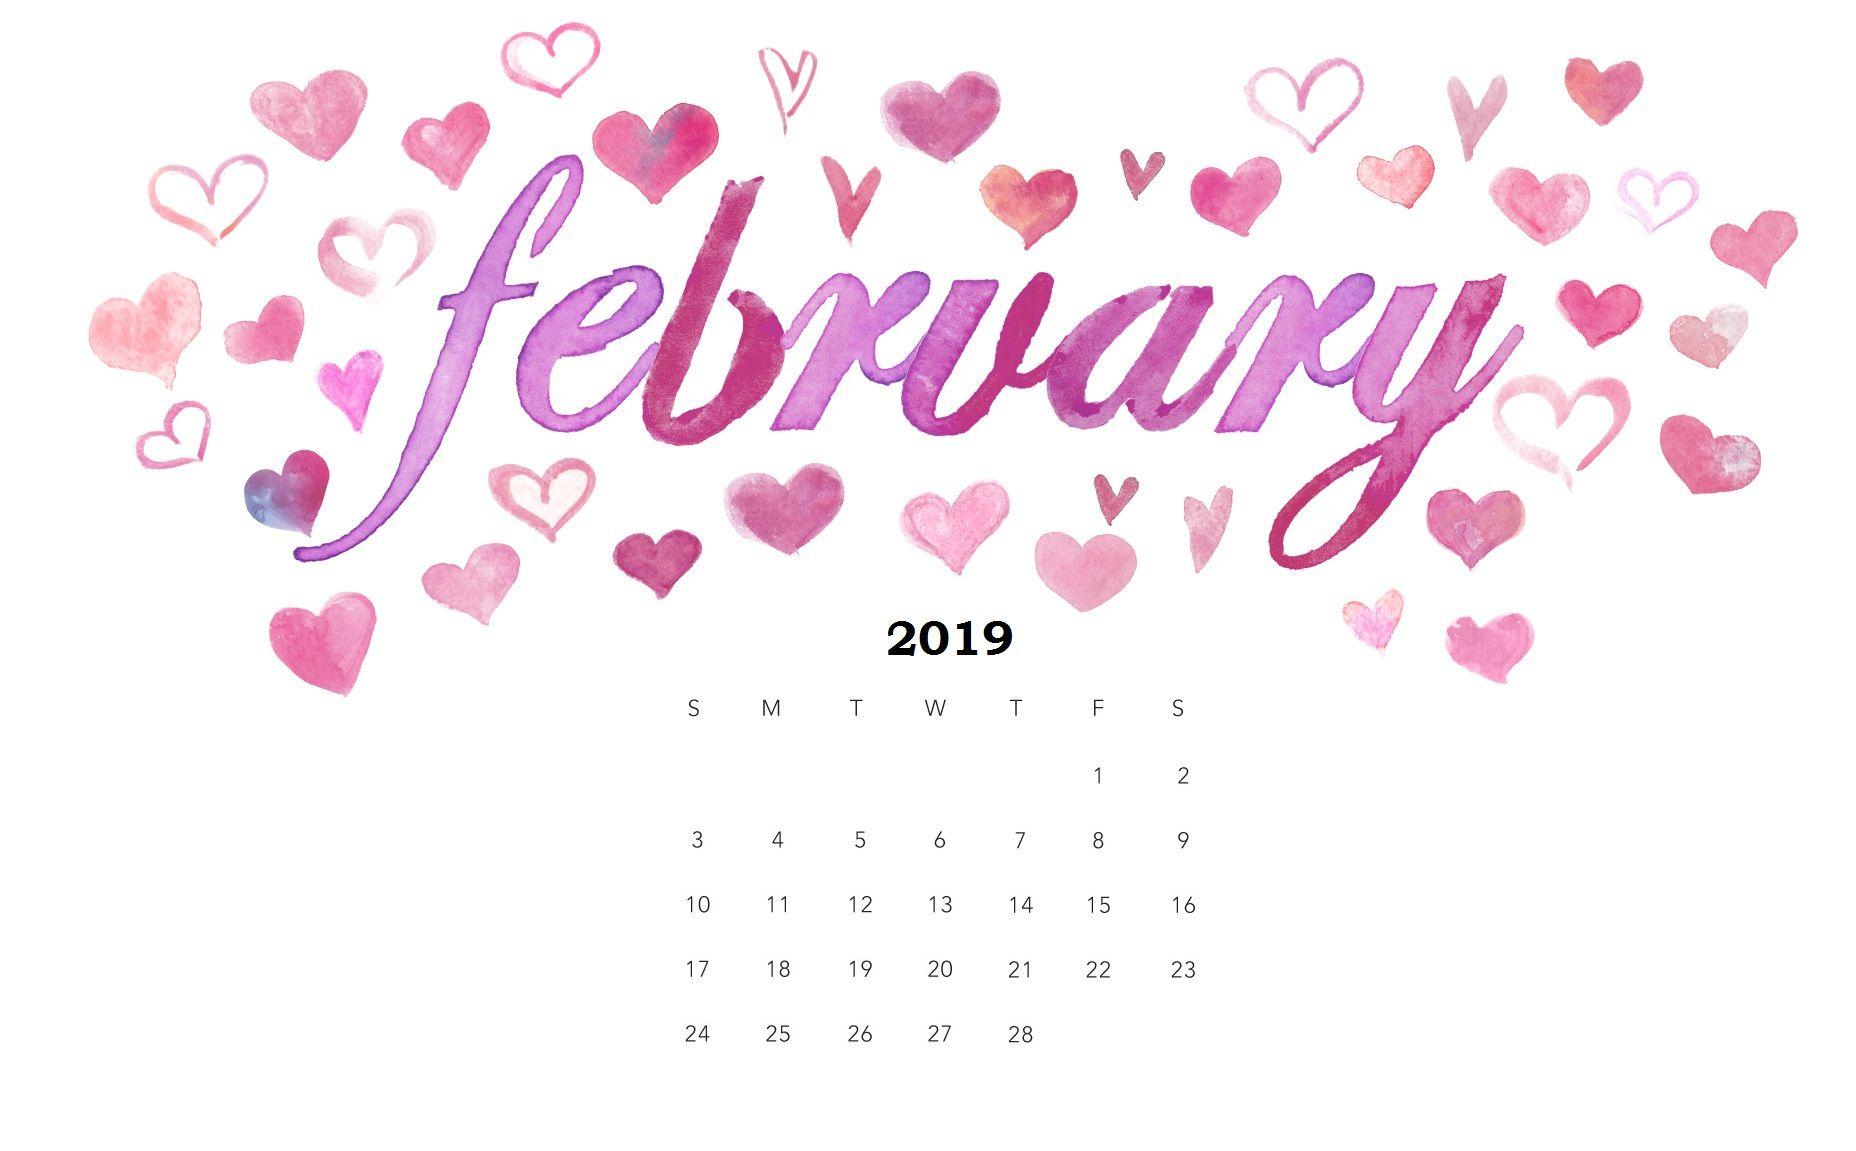 February Cute Desktop Calendar 2019 Watercolor February 2019 Cute Desktop Calendar | February 2019